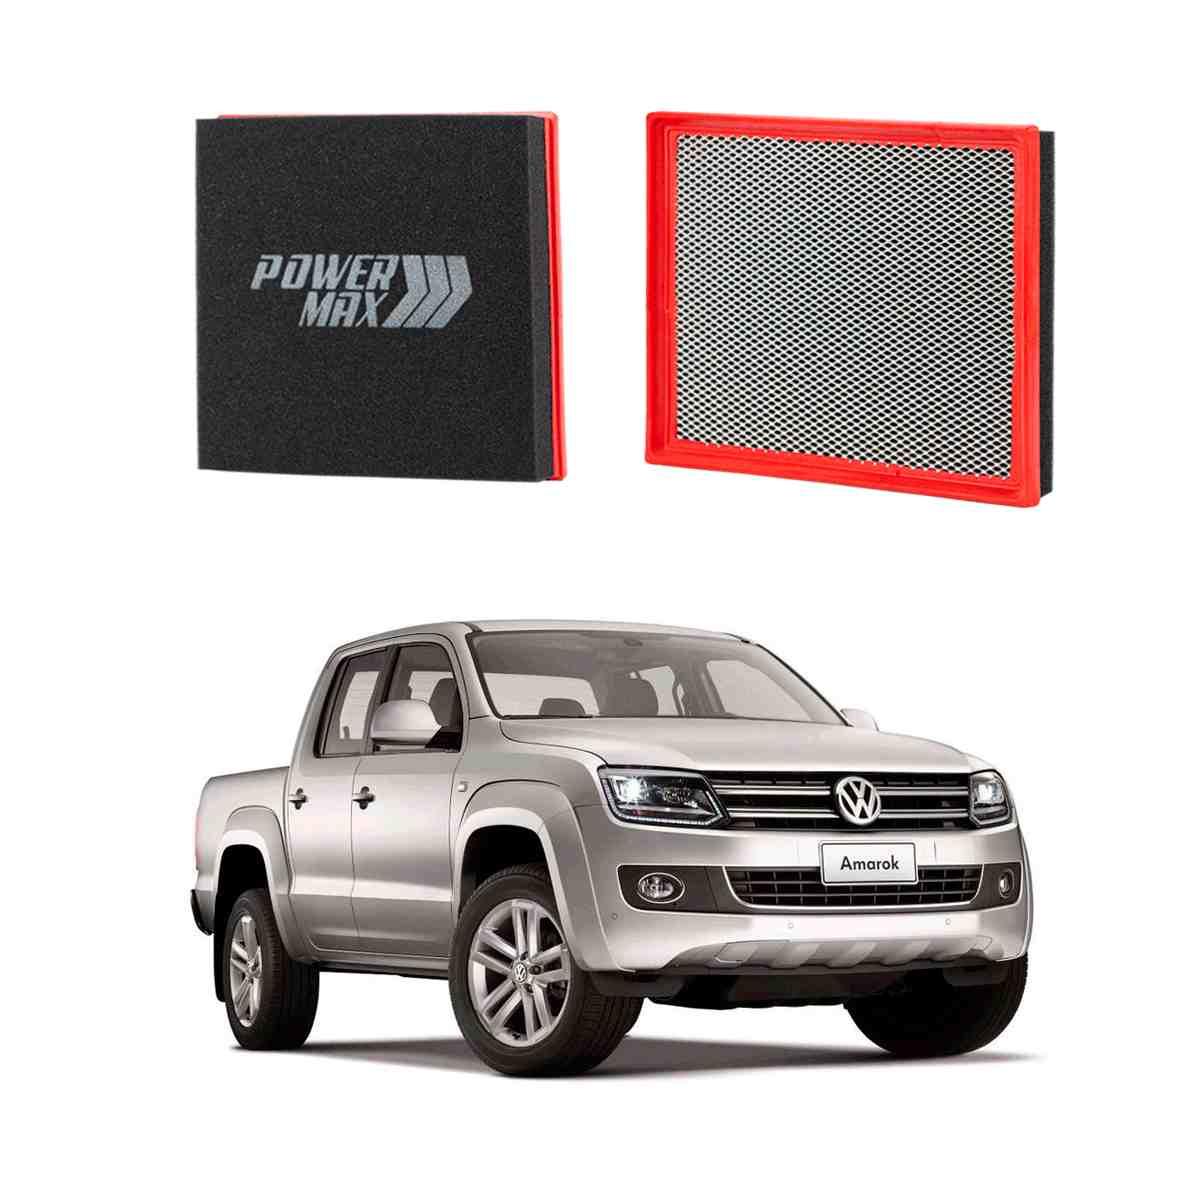 Filtro De Ar Esportivo Powermax Para Volkswagen Amarok